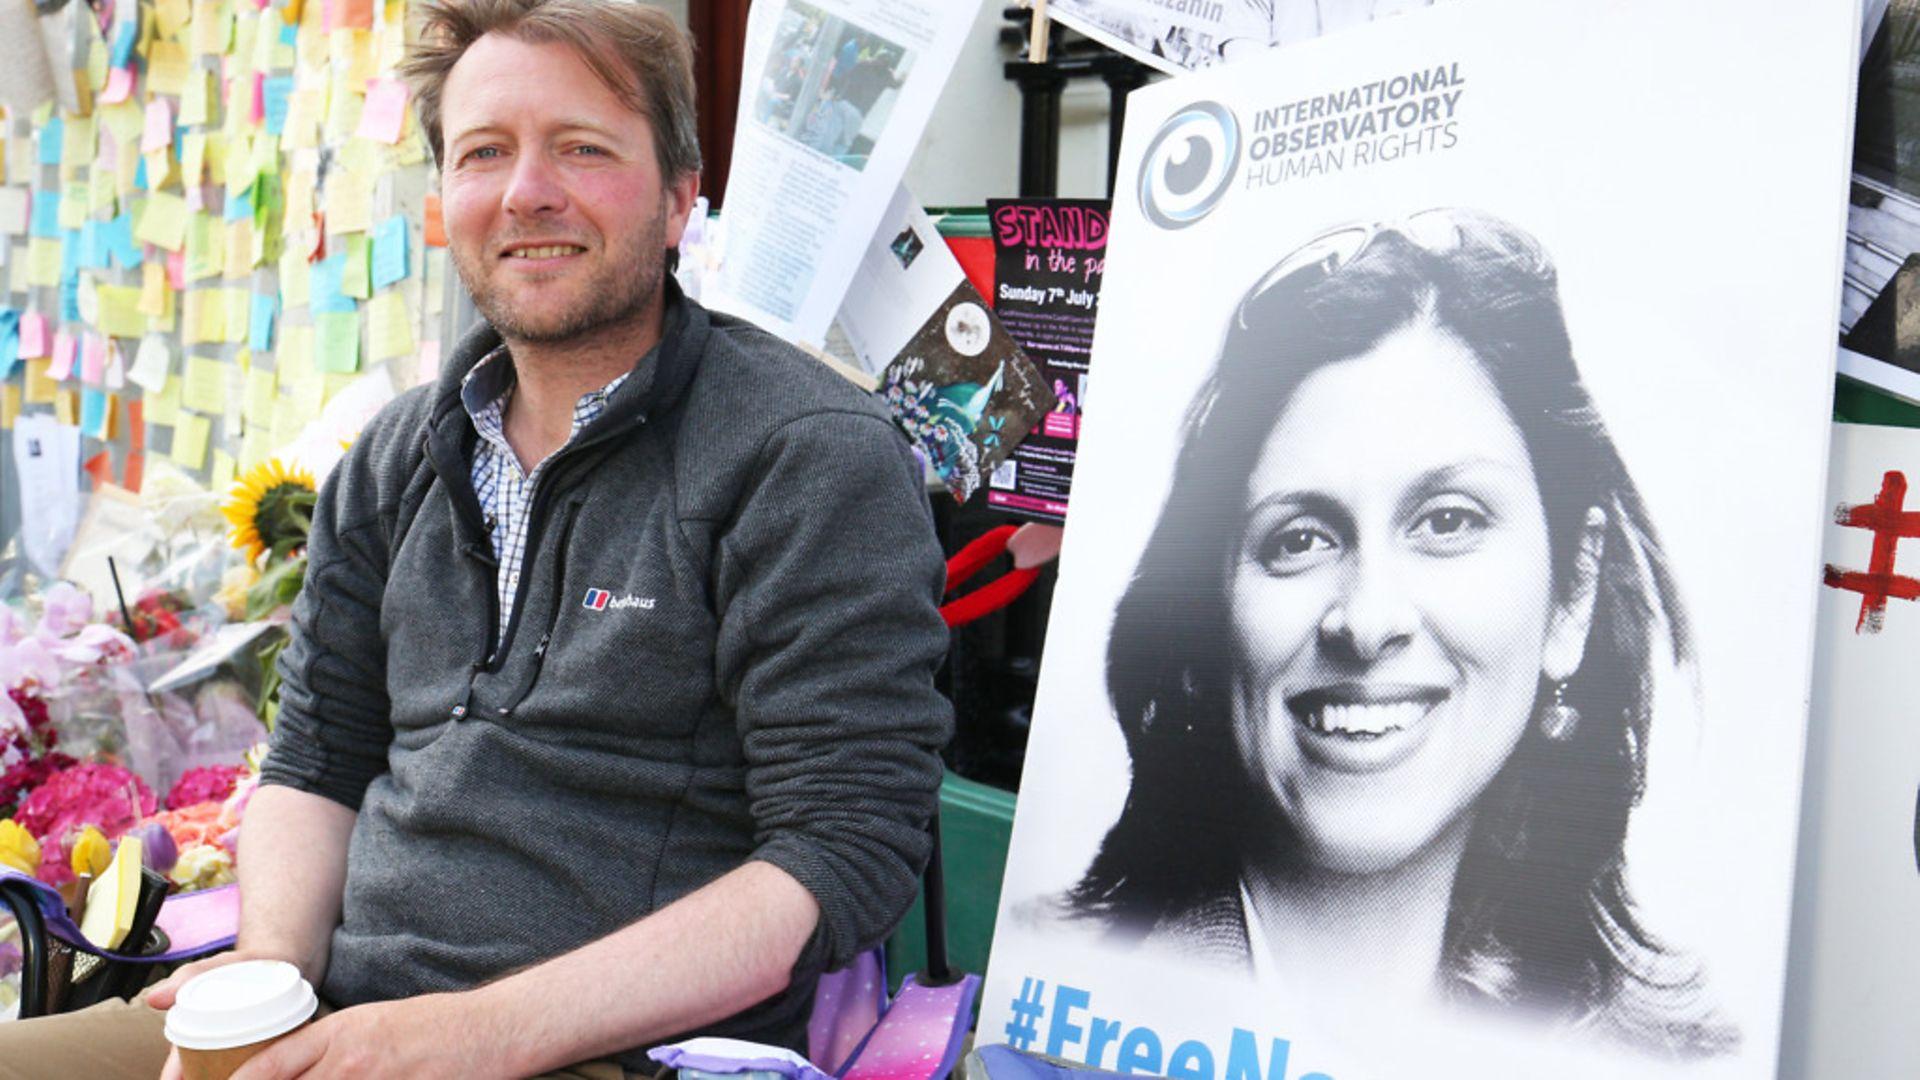 Richard Ratcliffe, the husband of detained Nazanin Zaghari Ratcliffe, outside the Iranian Embassy in Knightsbridge, London - Credit: PA Wire/PA Images